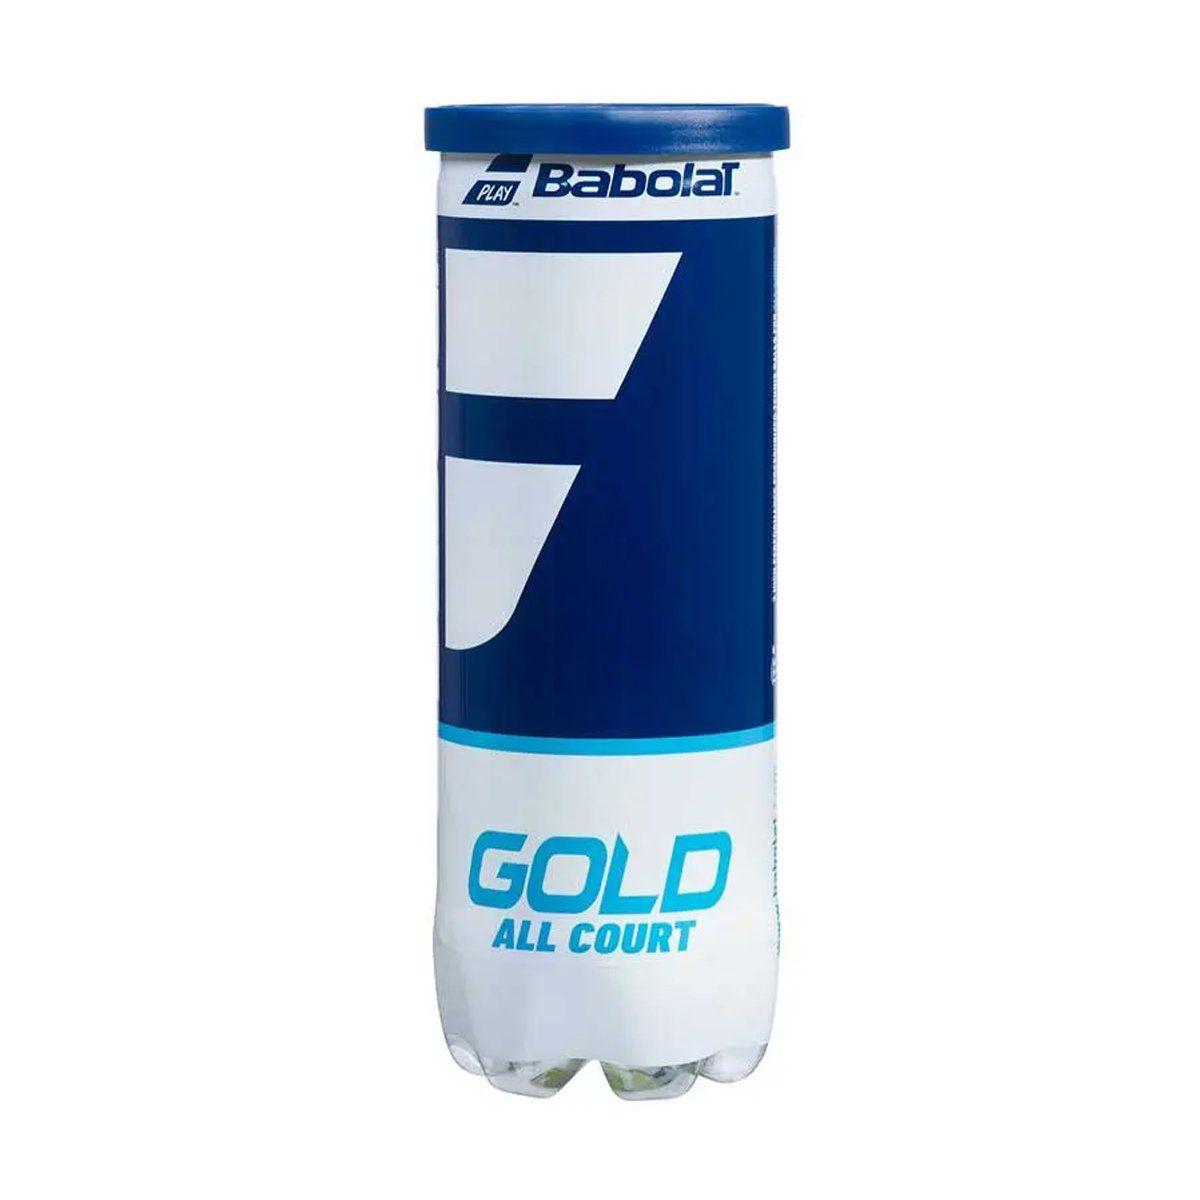 Bola de Tênis Babolat Gold All Court - Tubo c/ 3 bolas